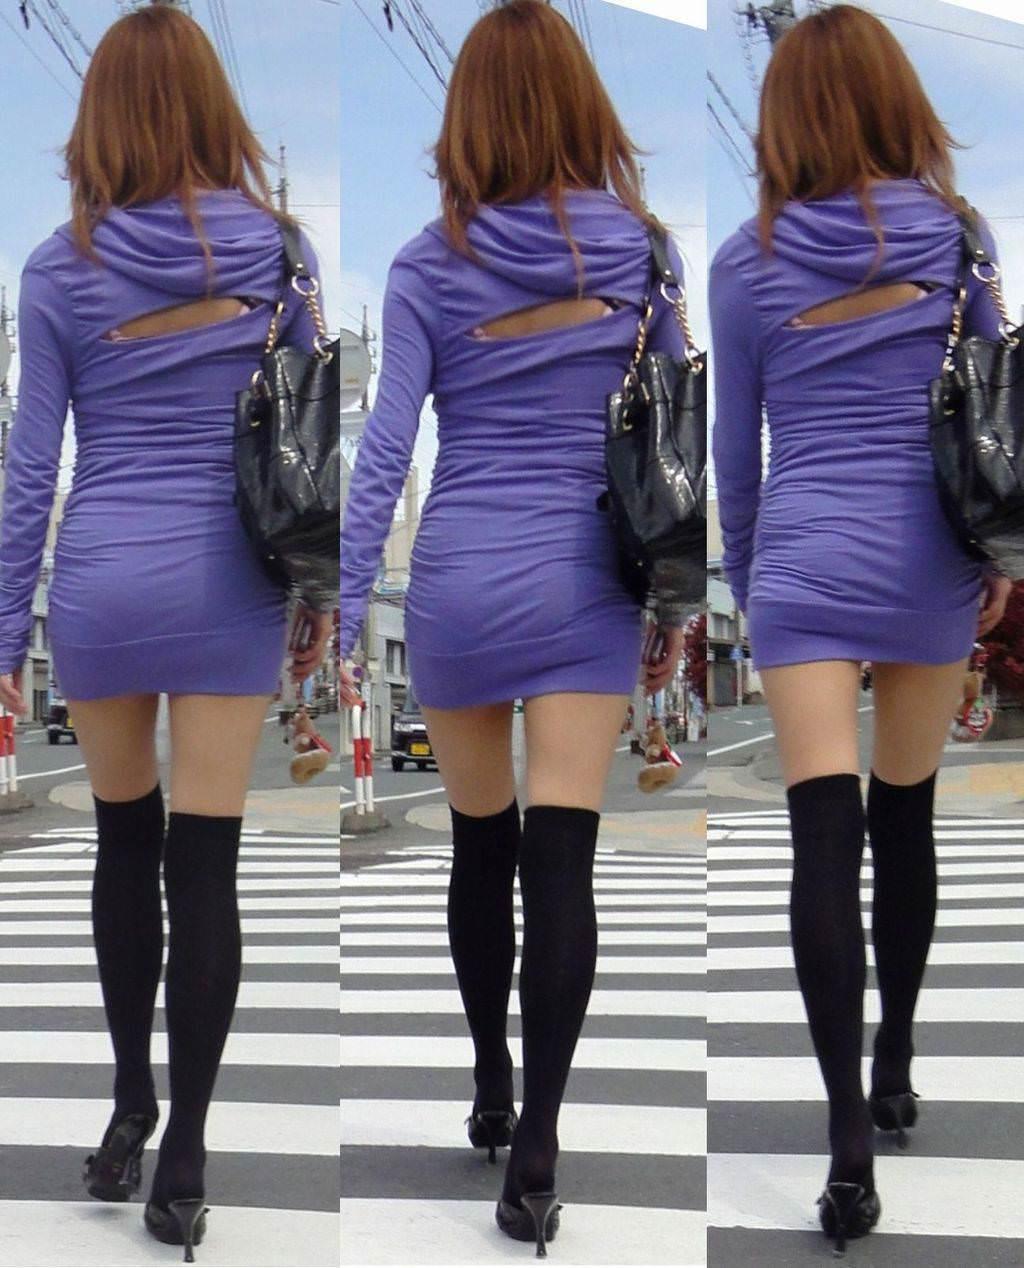 【盗撮23枚】パンティー透けてるのに気付いてない薄着女子を街撮りゲットwwwww 0129